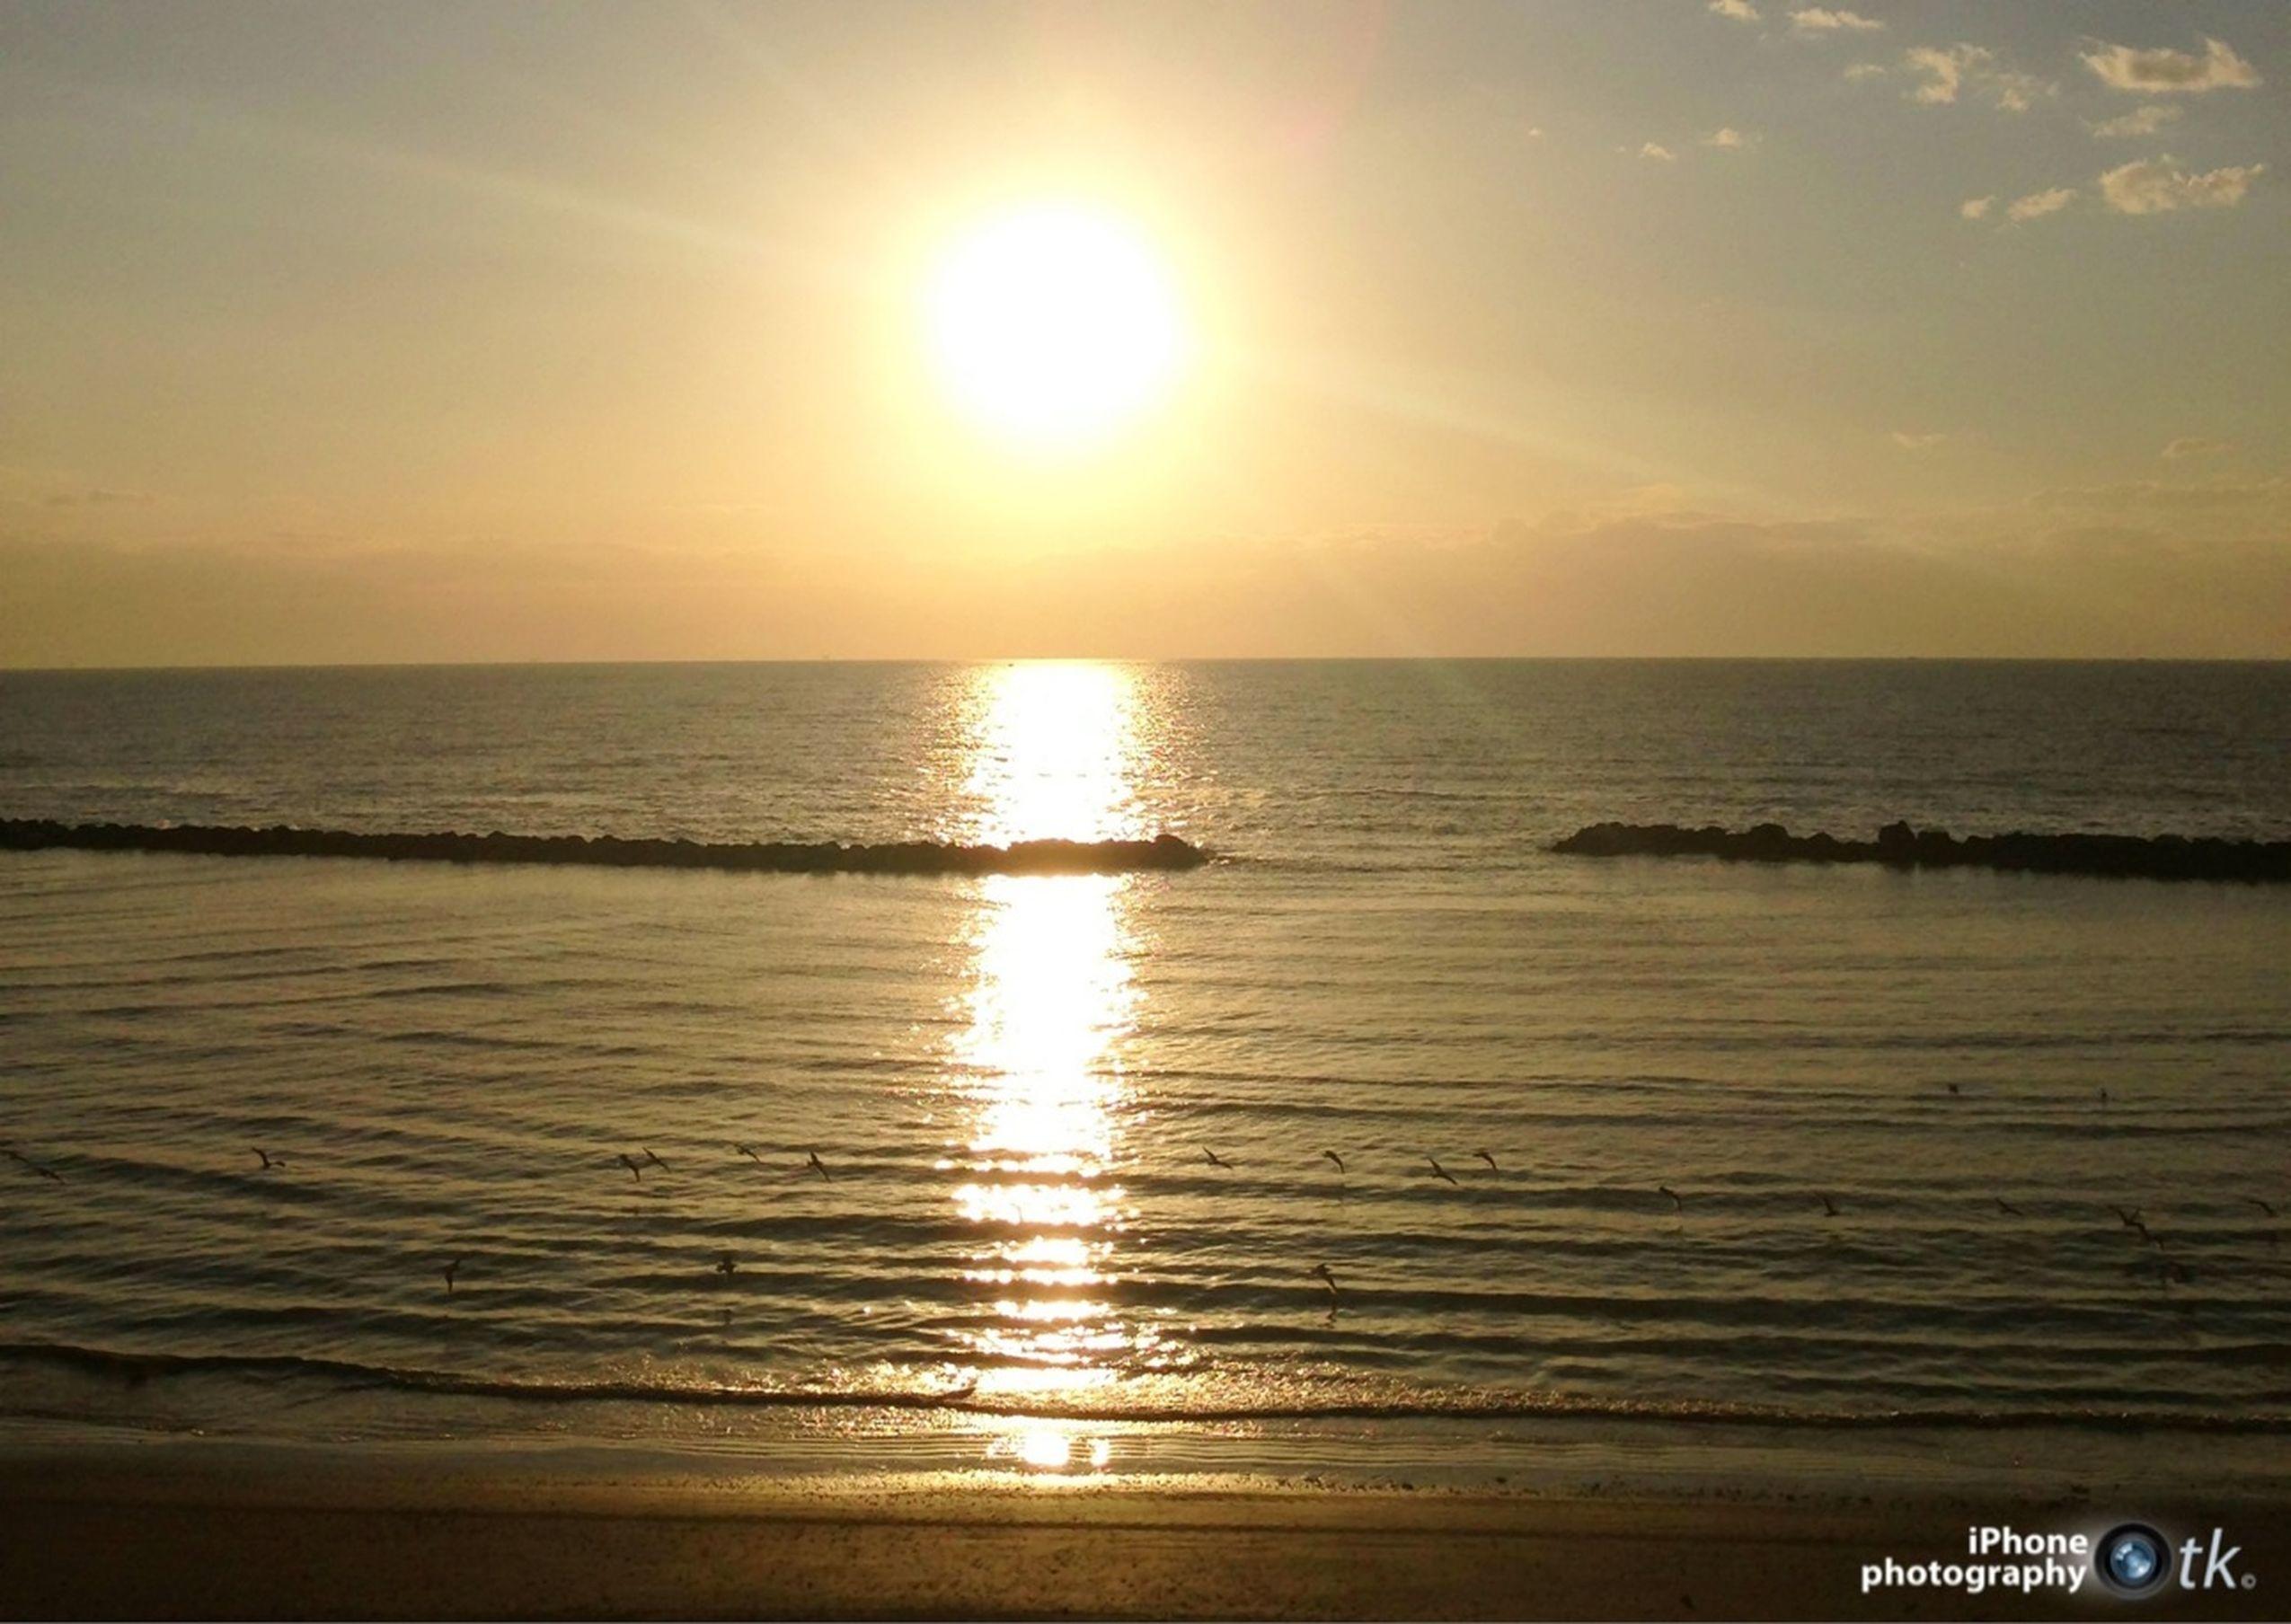 Sea Good Morning Italy Enjoying The Sun